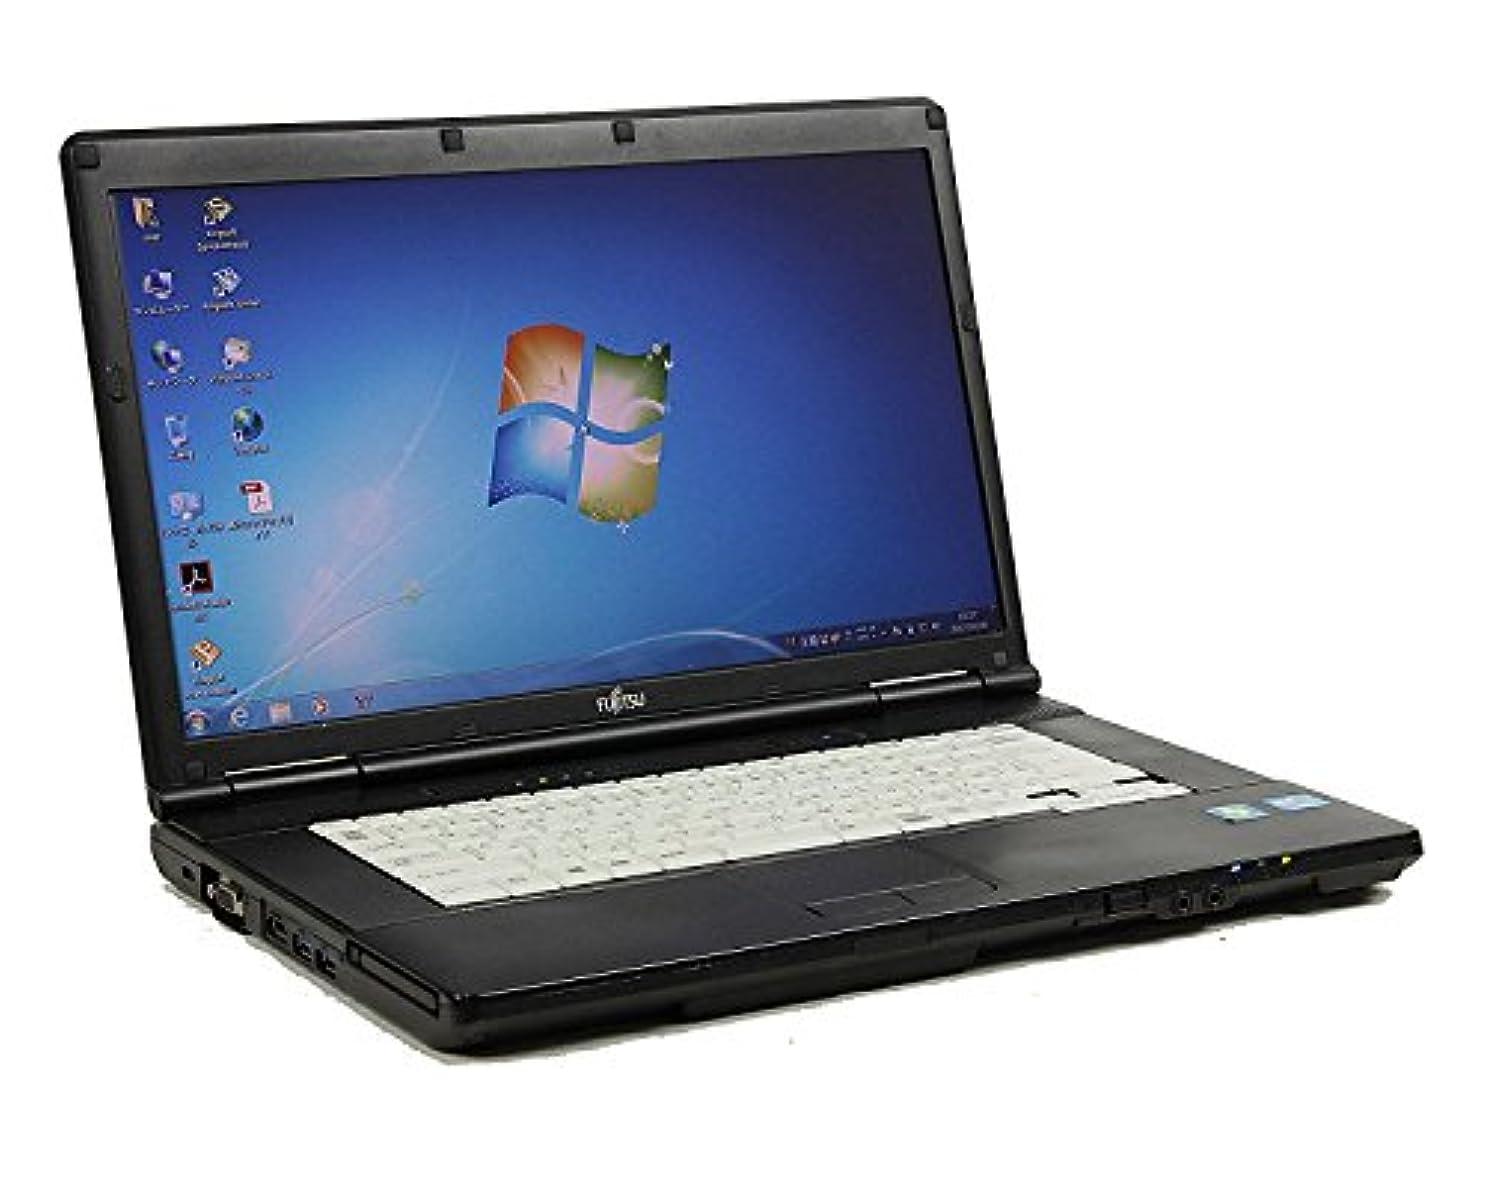 ディスパッチベッド敬の念[ 中古ノートパソコン / Microsoft Office Personal 2010 ] 富士通 LIFEBOOK A572/F Windows7 15.6インチ Core i5 3320M 2.6GHz メモリ4GB HDD320GB [ DVDマルチドライブ ]